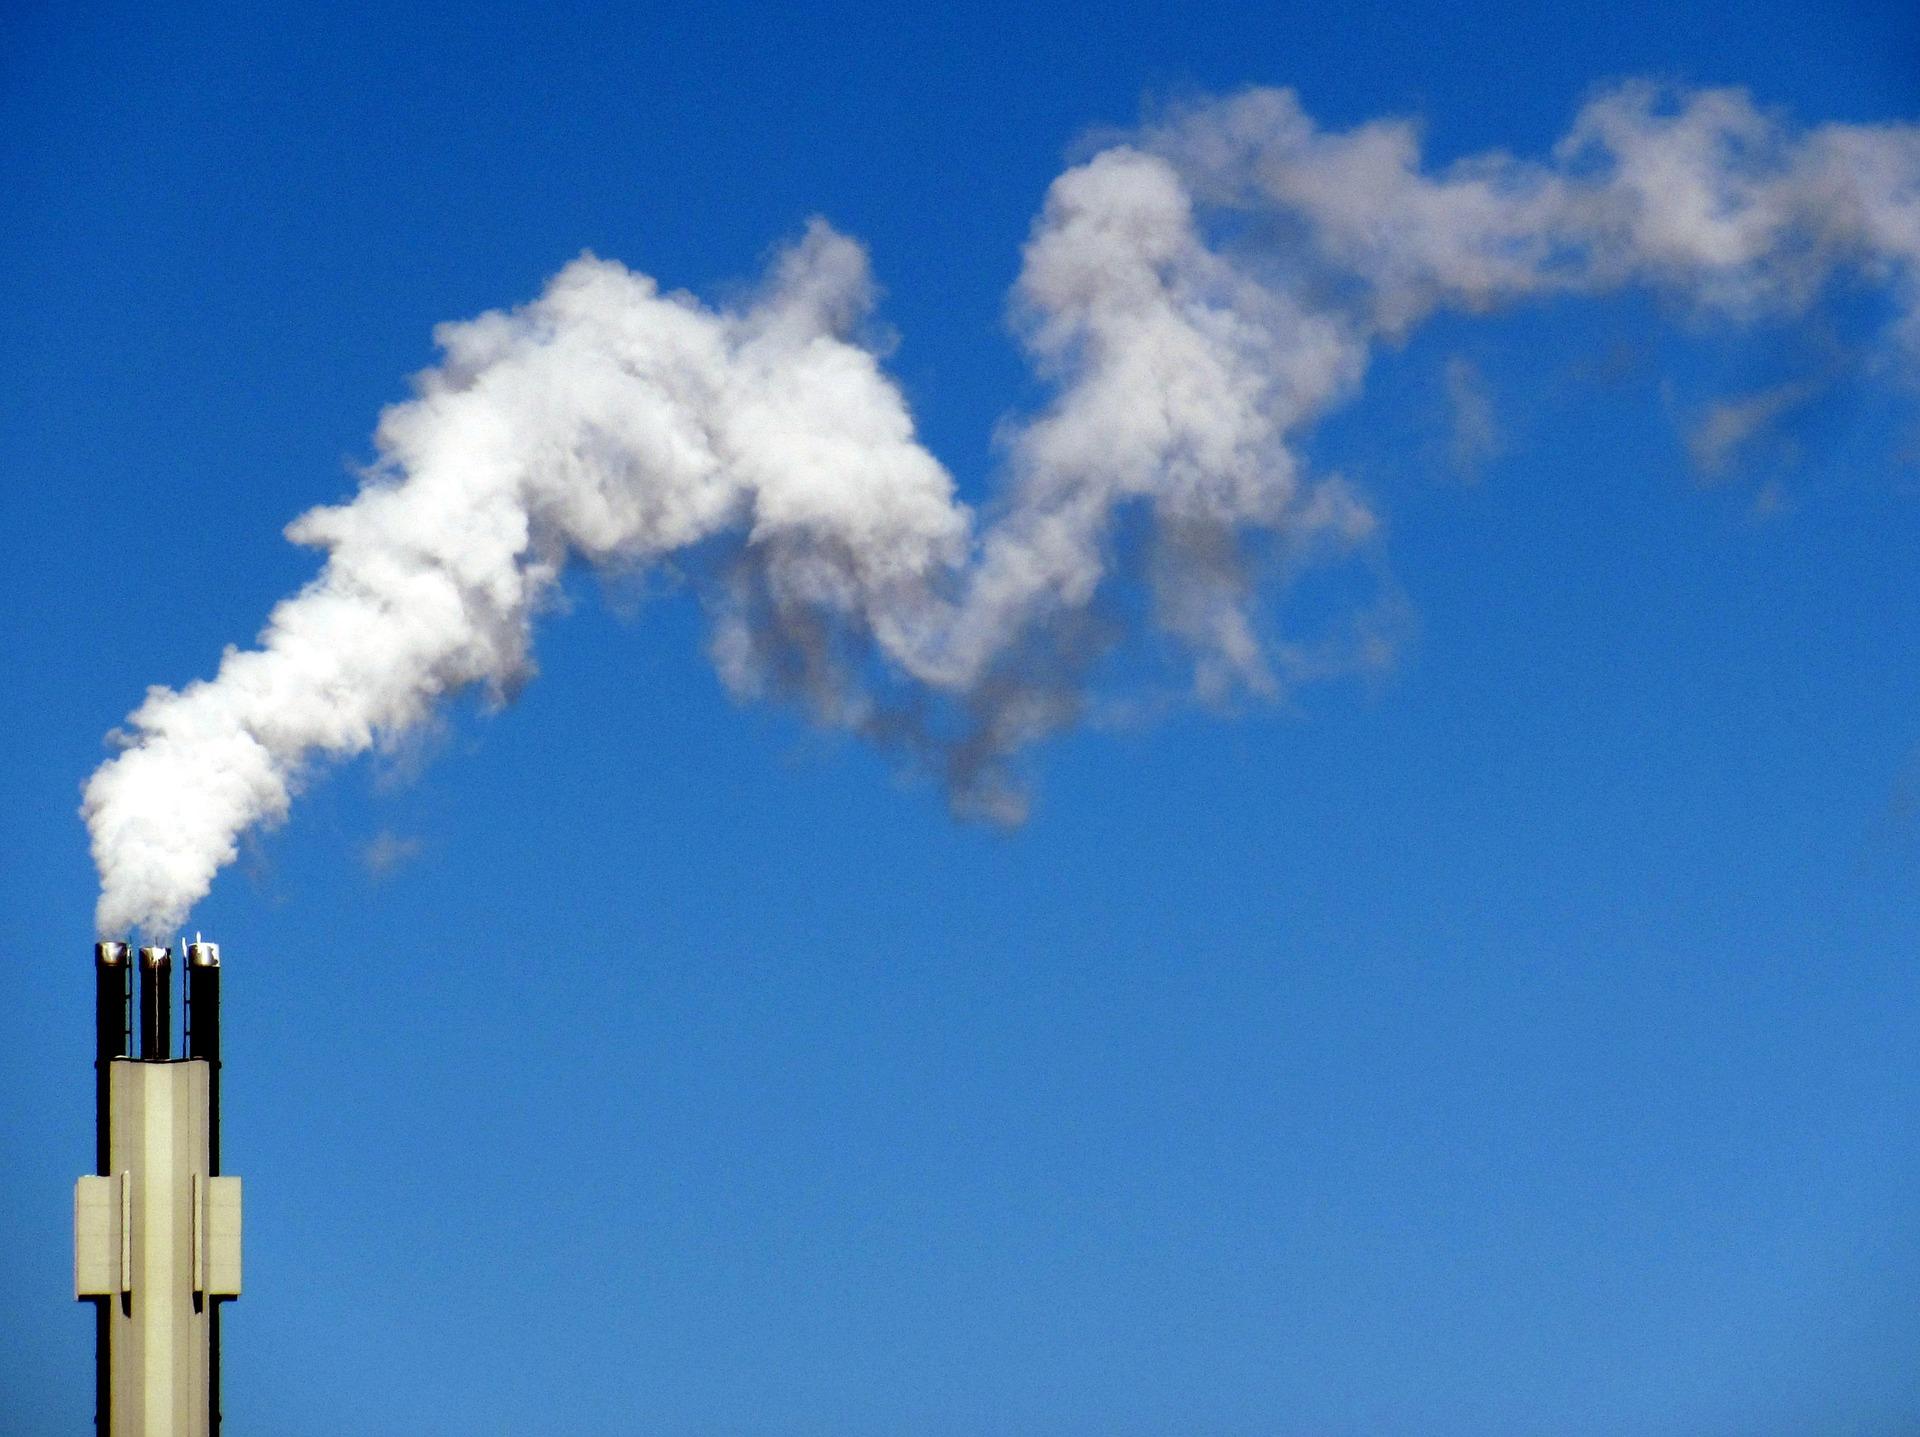 smoke-654071_1920.jpg